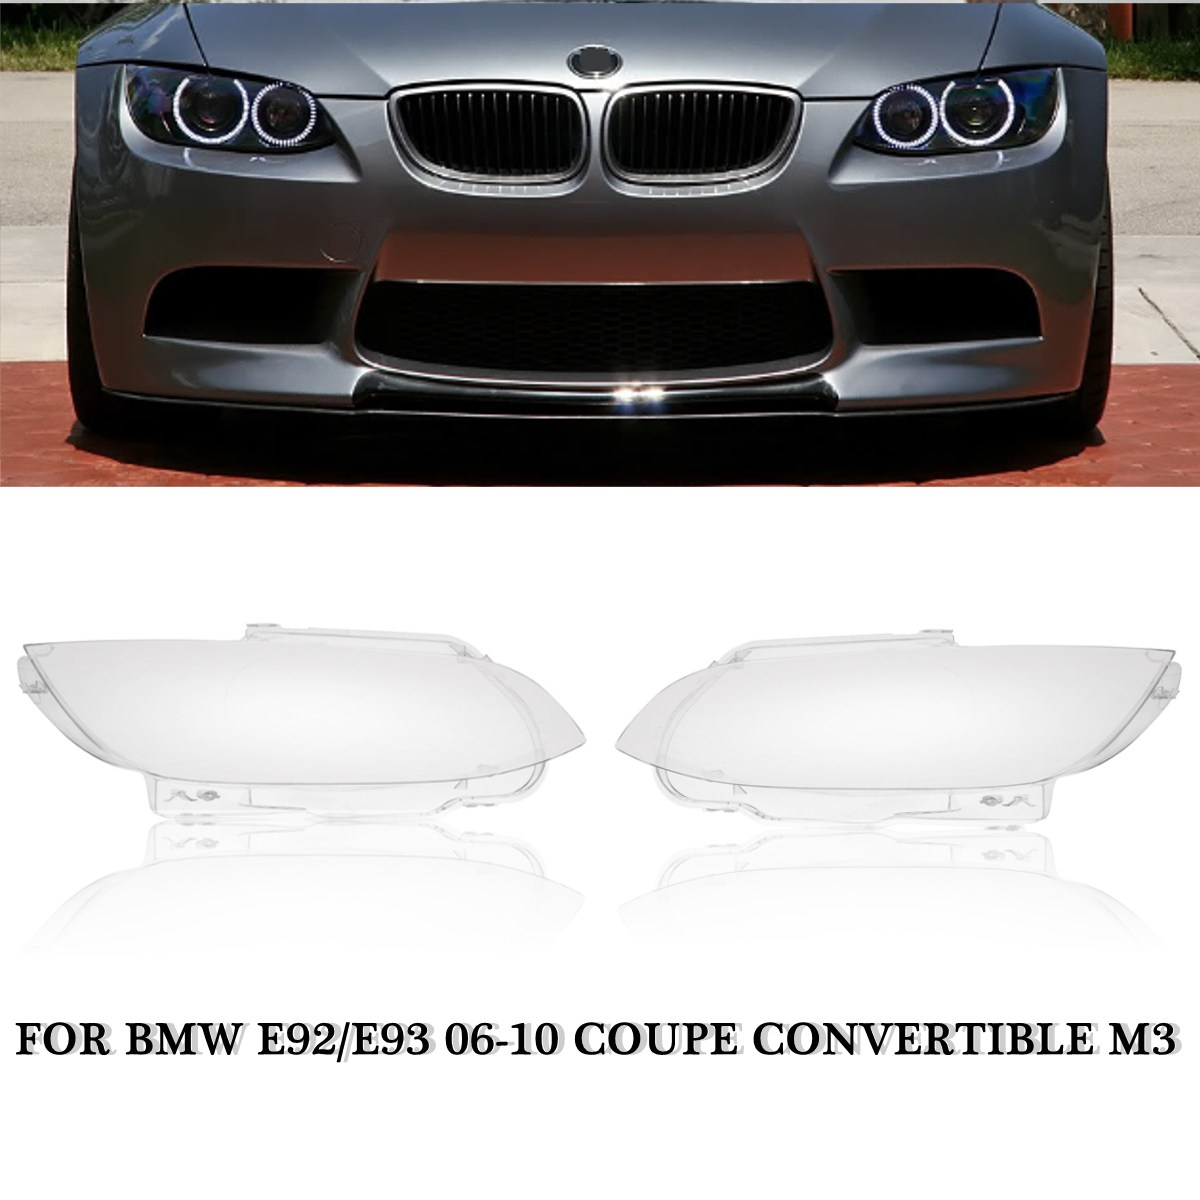 1 PZ Sinistra/Destra Auto Faro Copertura Faro Copriobiettivo Misura Per BMW E92 E93 328i 335i Coupé M3 Cabrio 2006 2007 2008 2009 2010